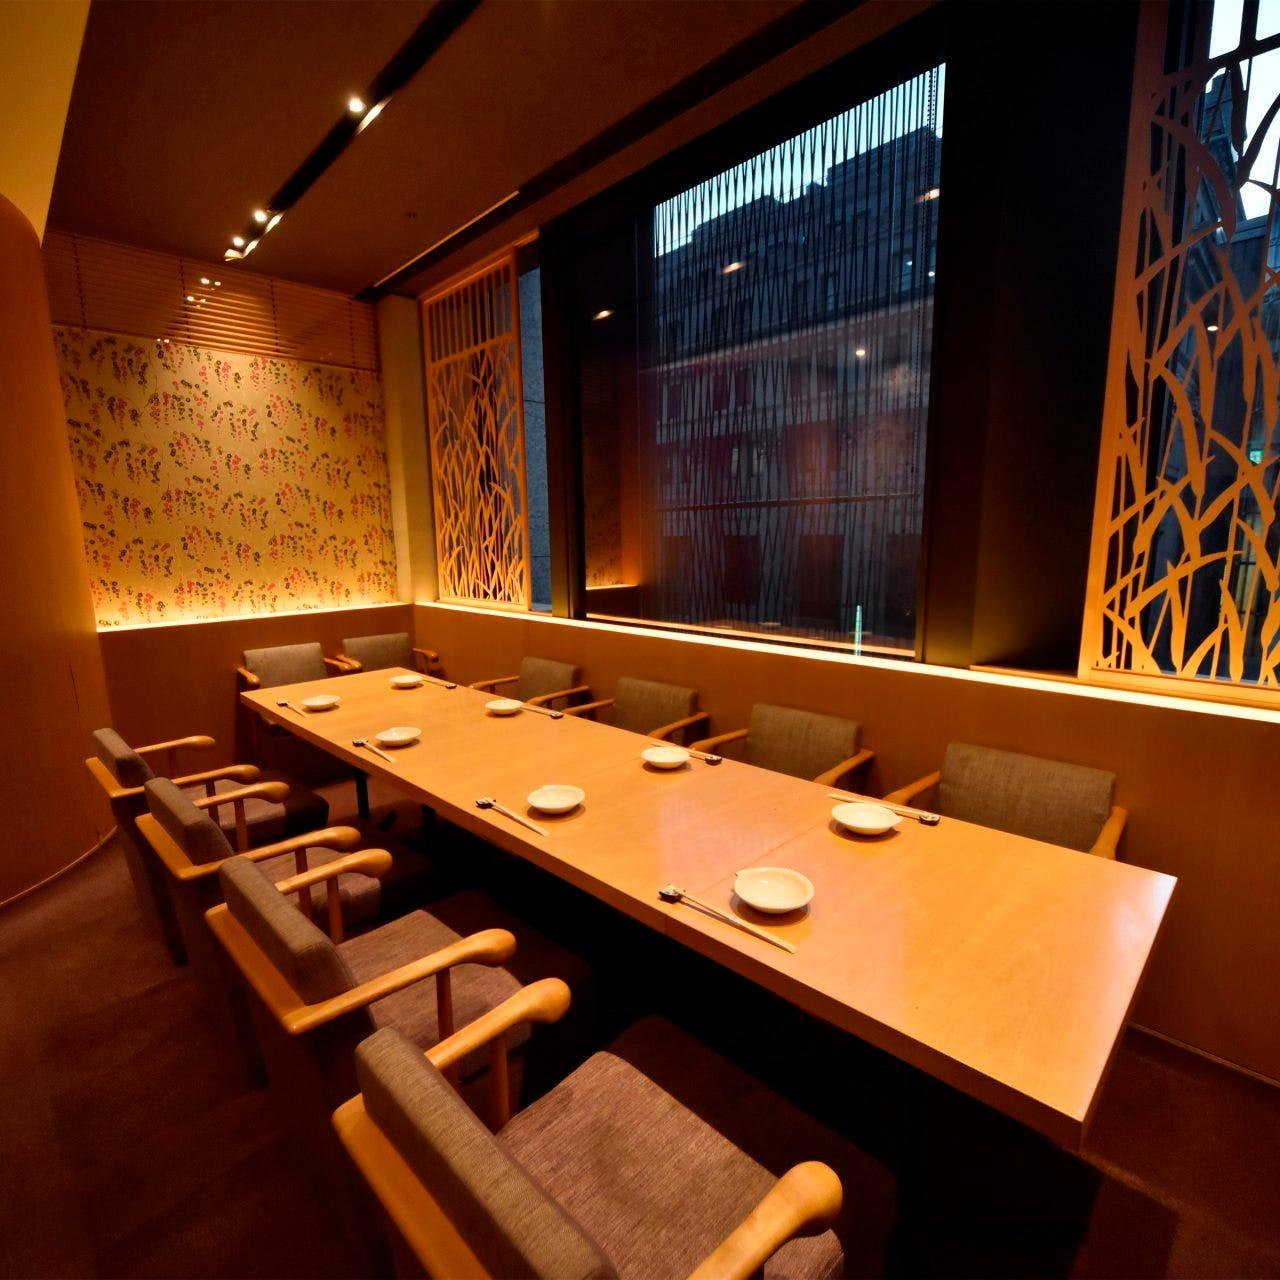 落ち着いた空間でゆっくりお酒とお料理をお楽しみください